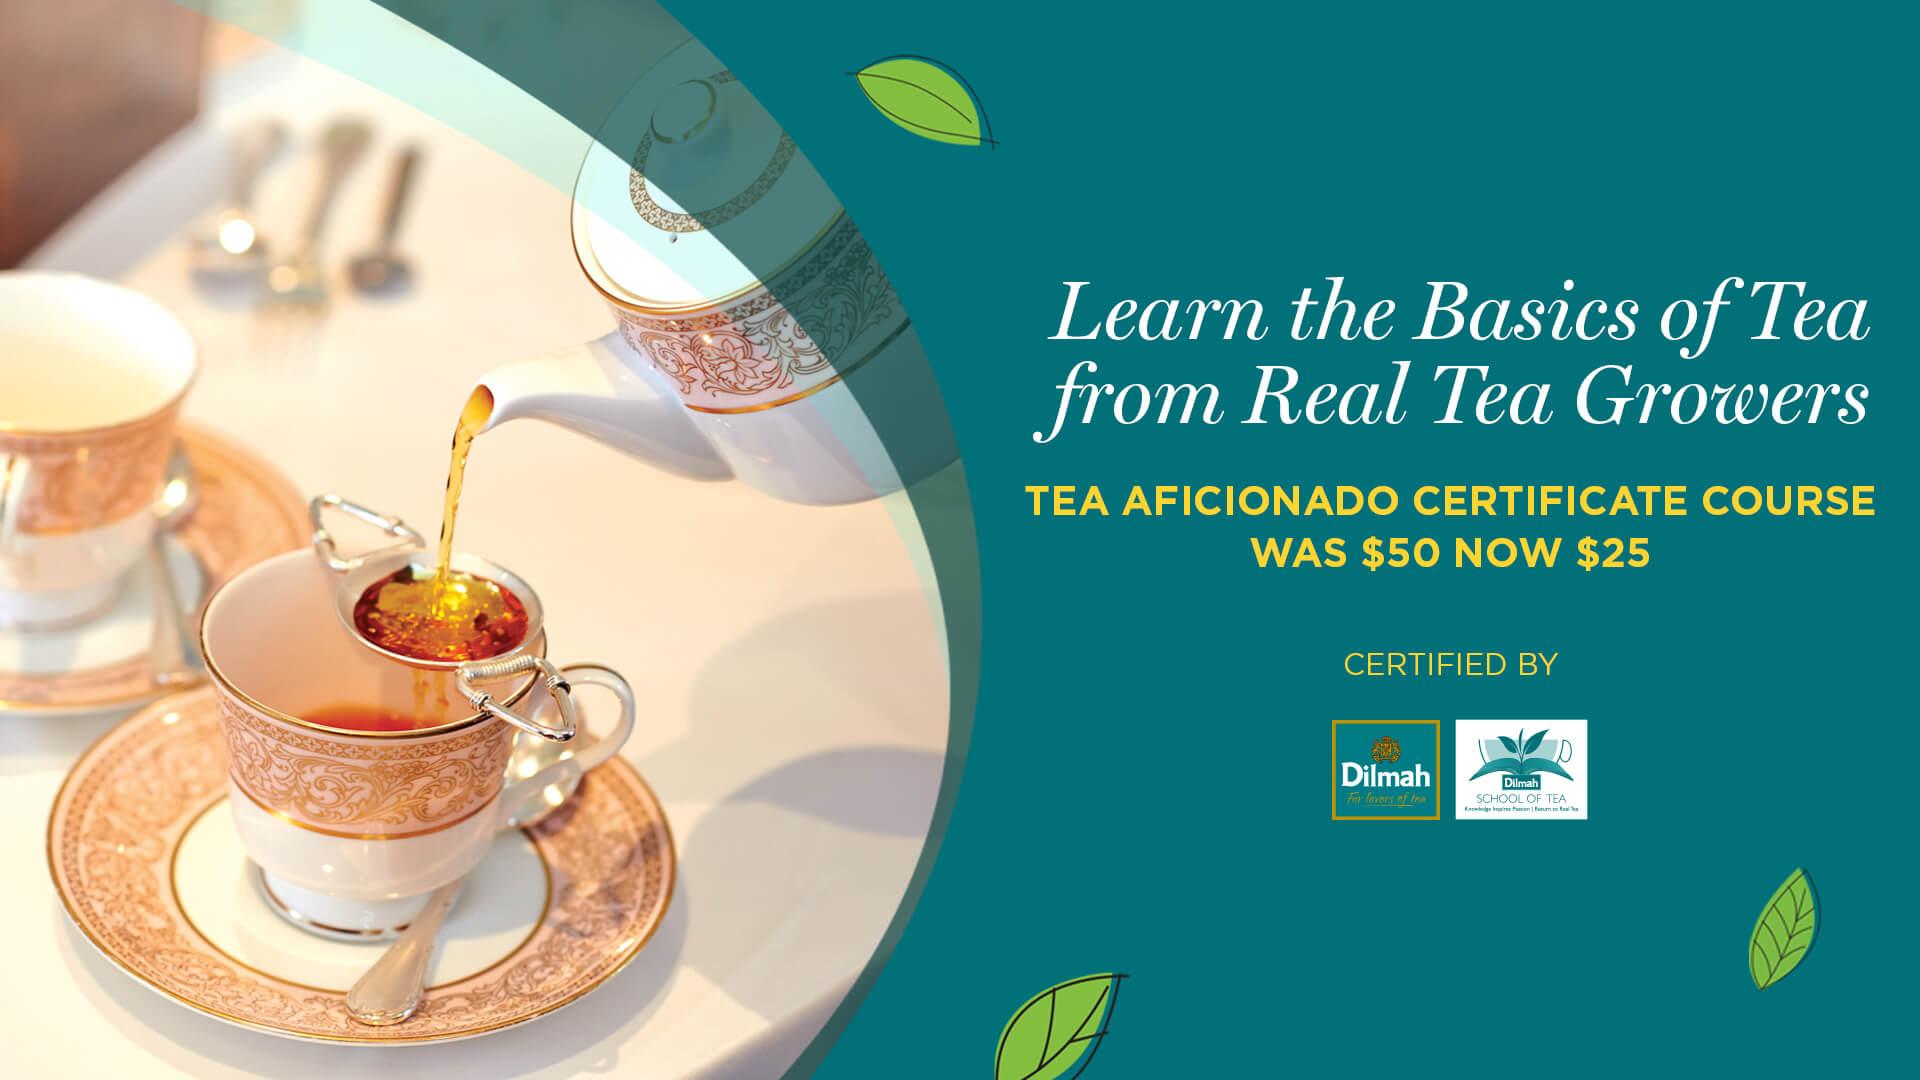 Tea Aficionado Certificate Course